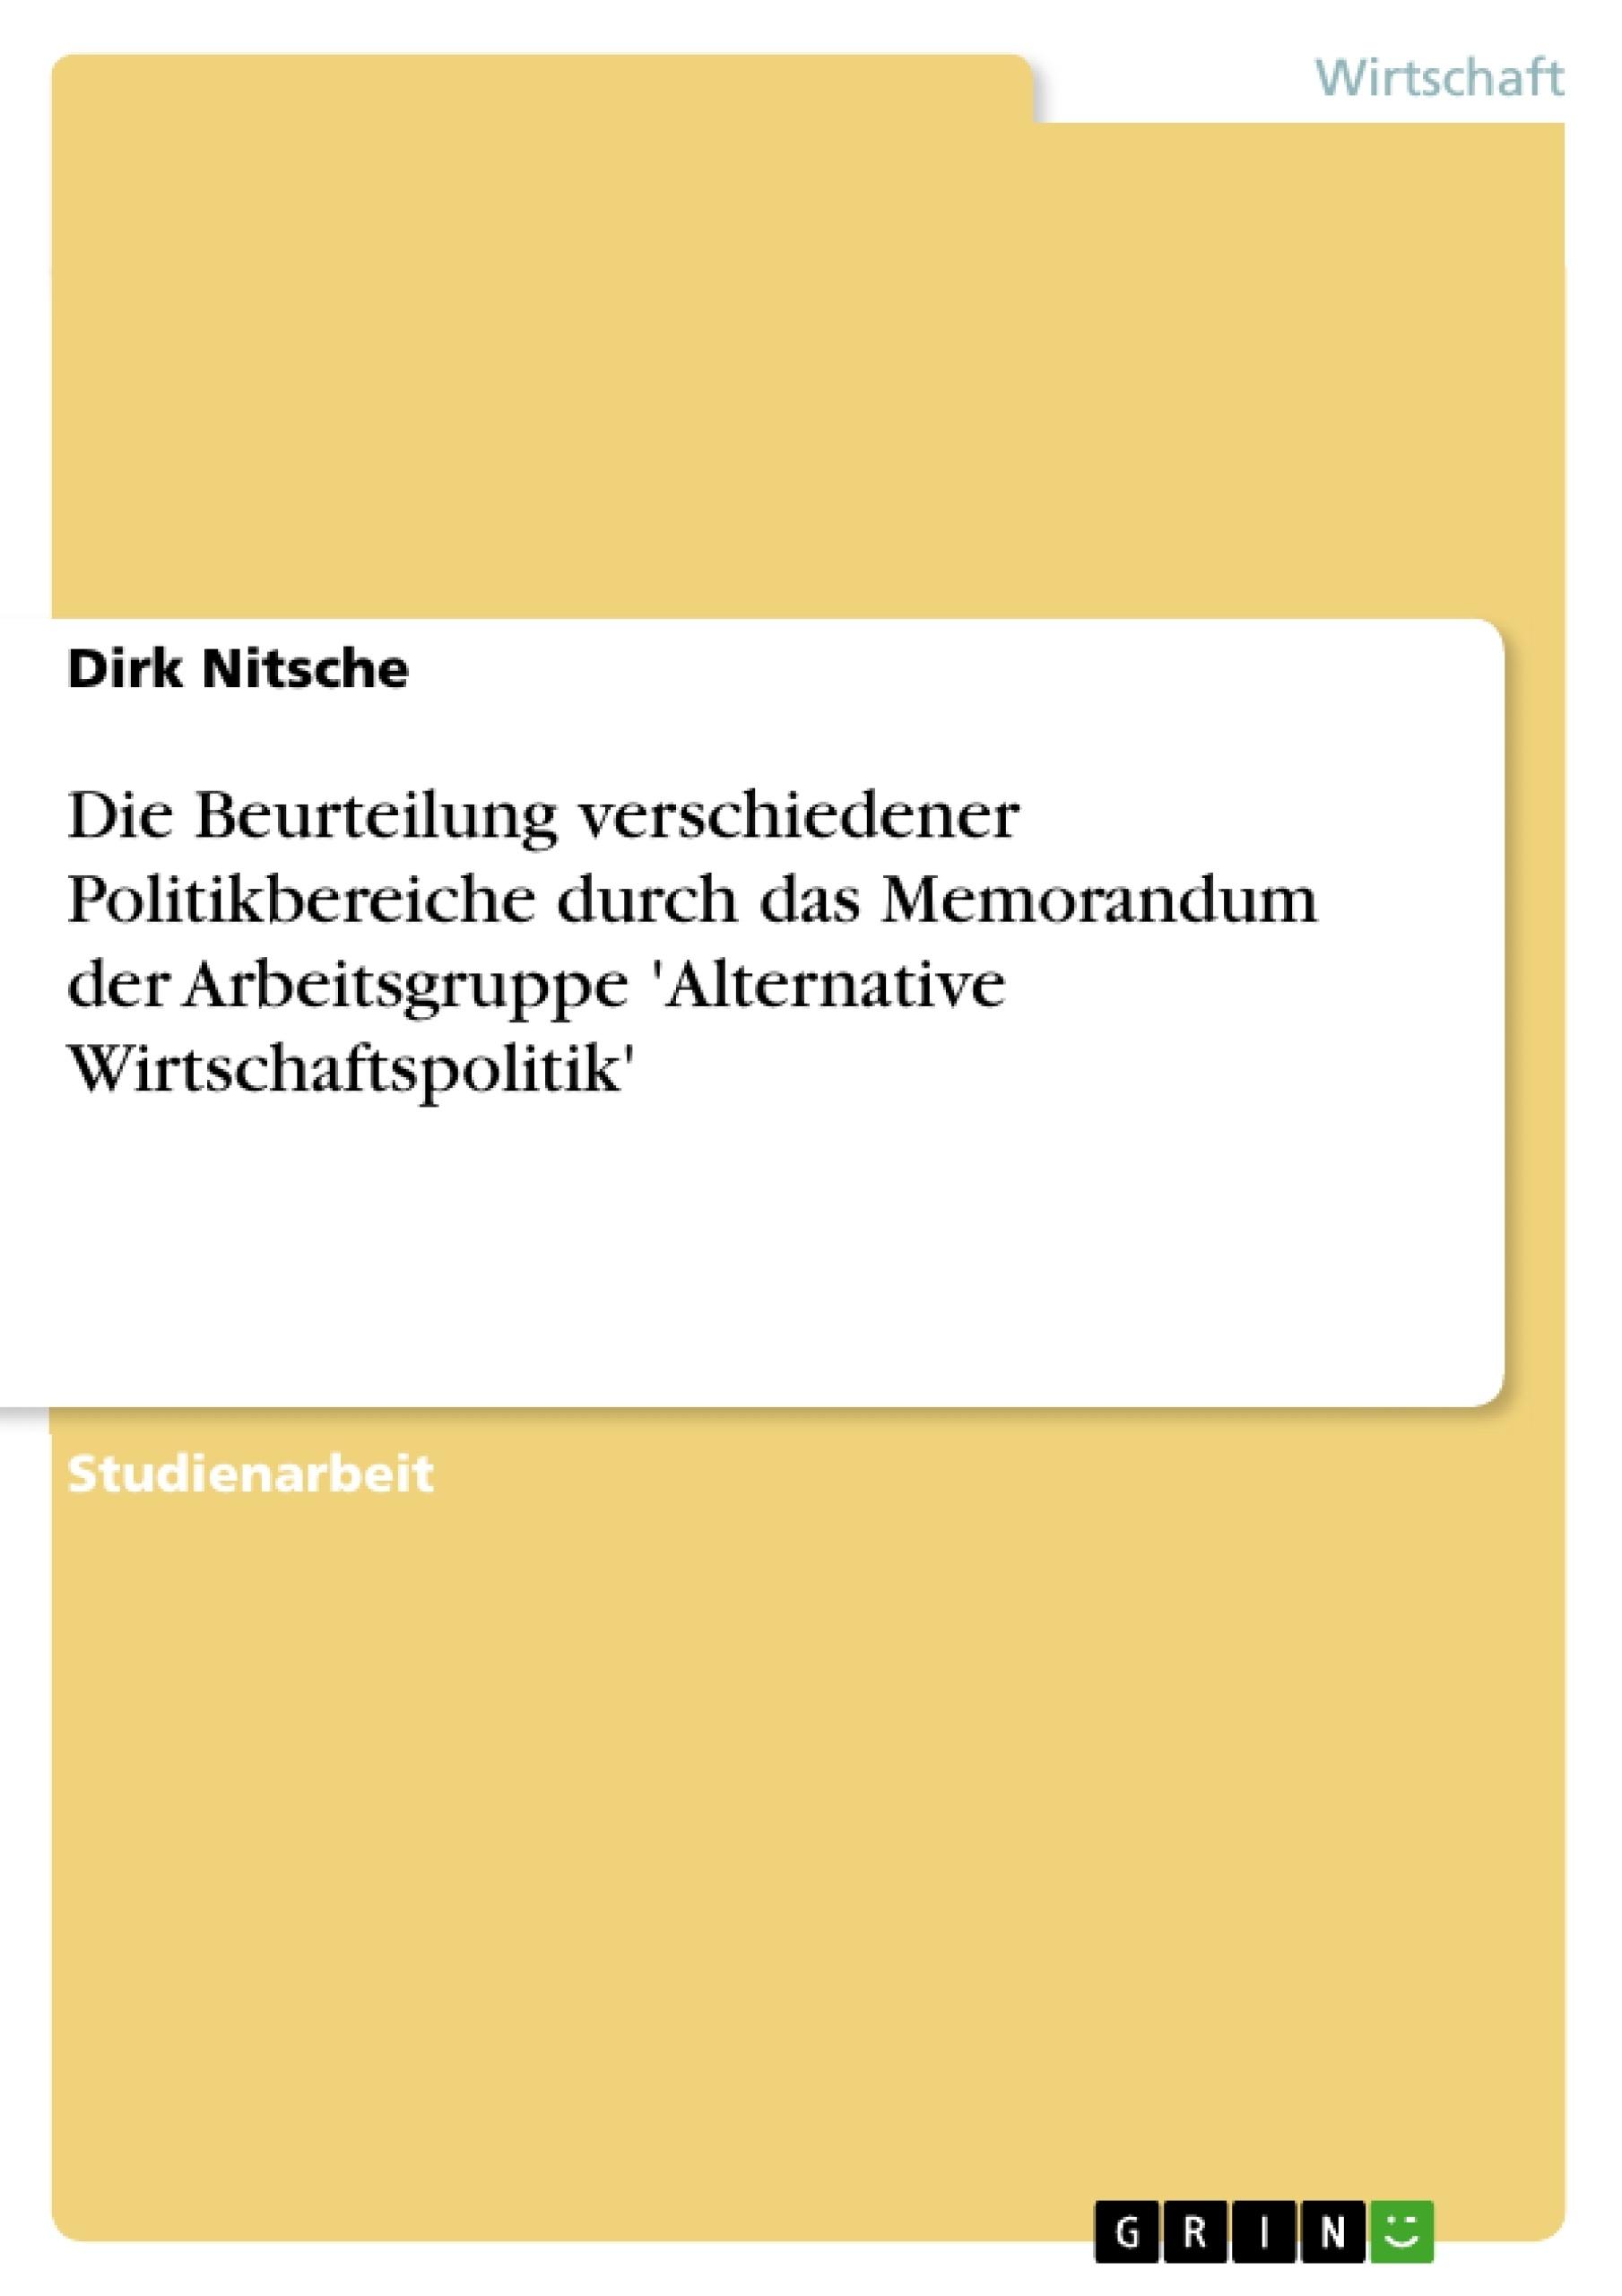 Titel: Die Beurteilung verschiedener Politikbereiche durch das Memorandum der Arbeitsgruppe 'Alternative Wirtschaftspolitik'